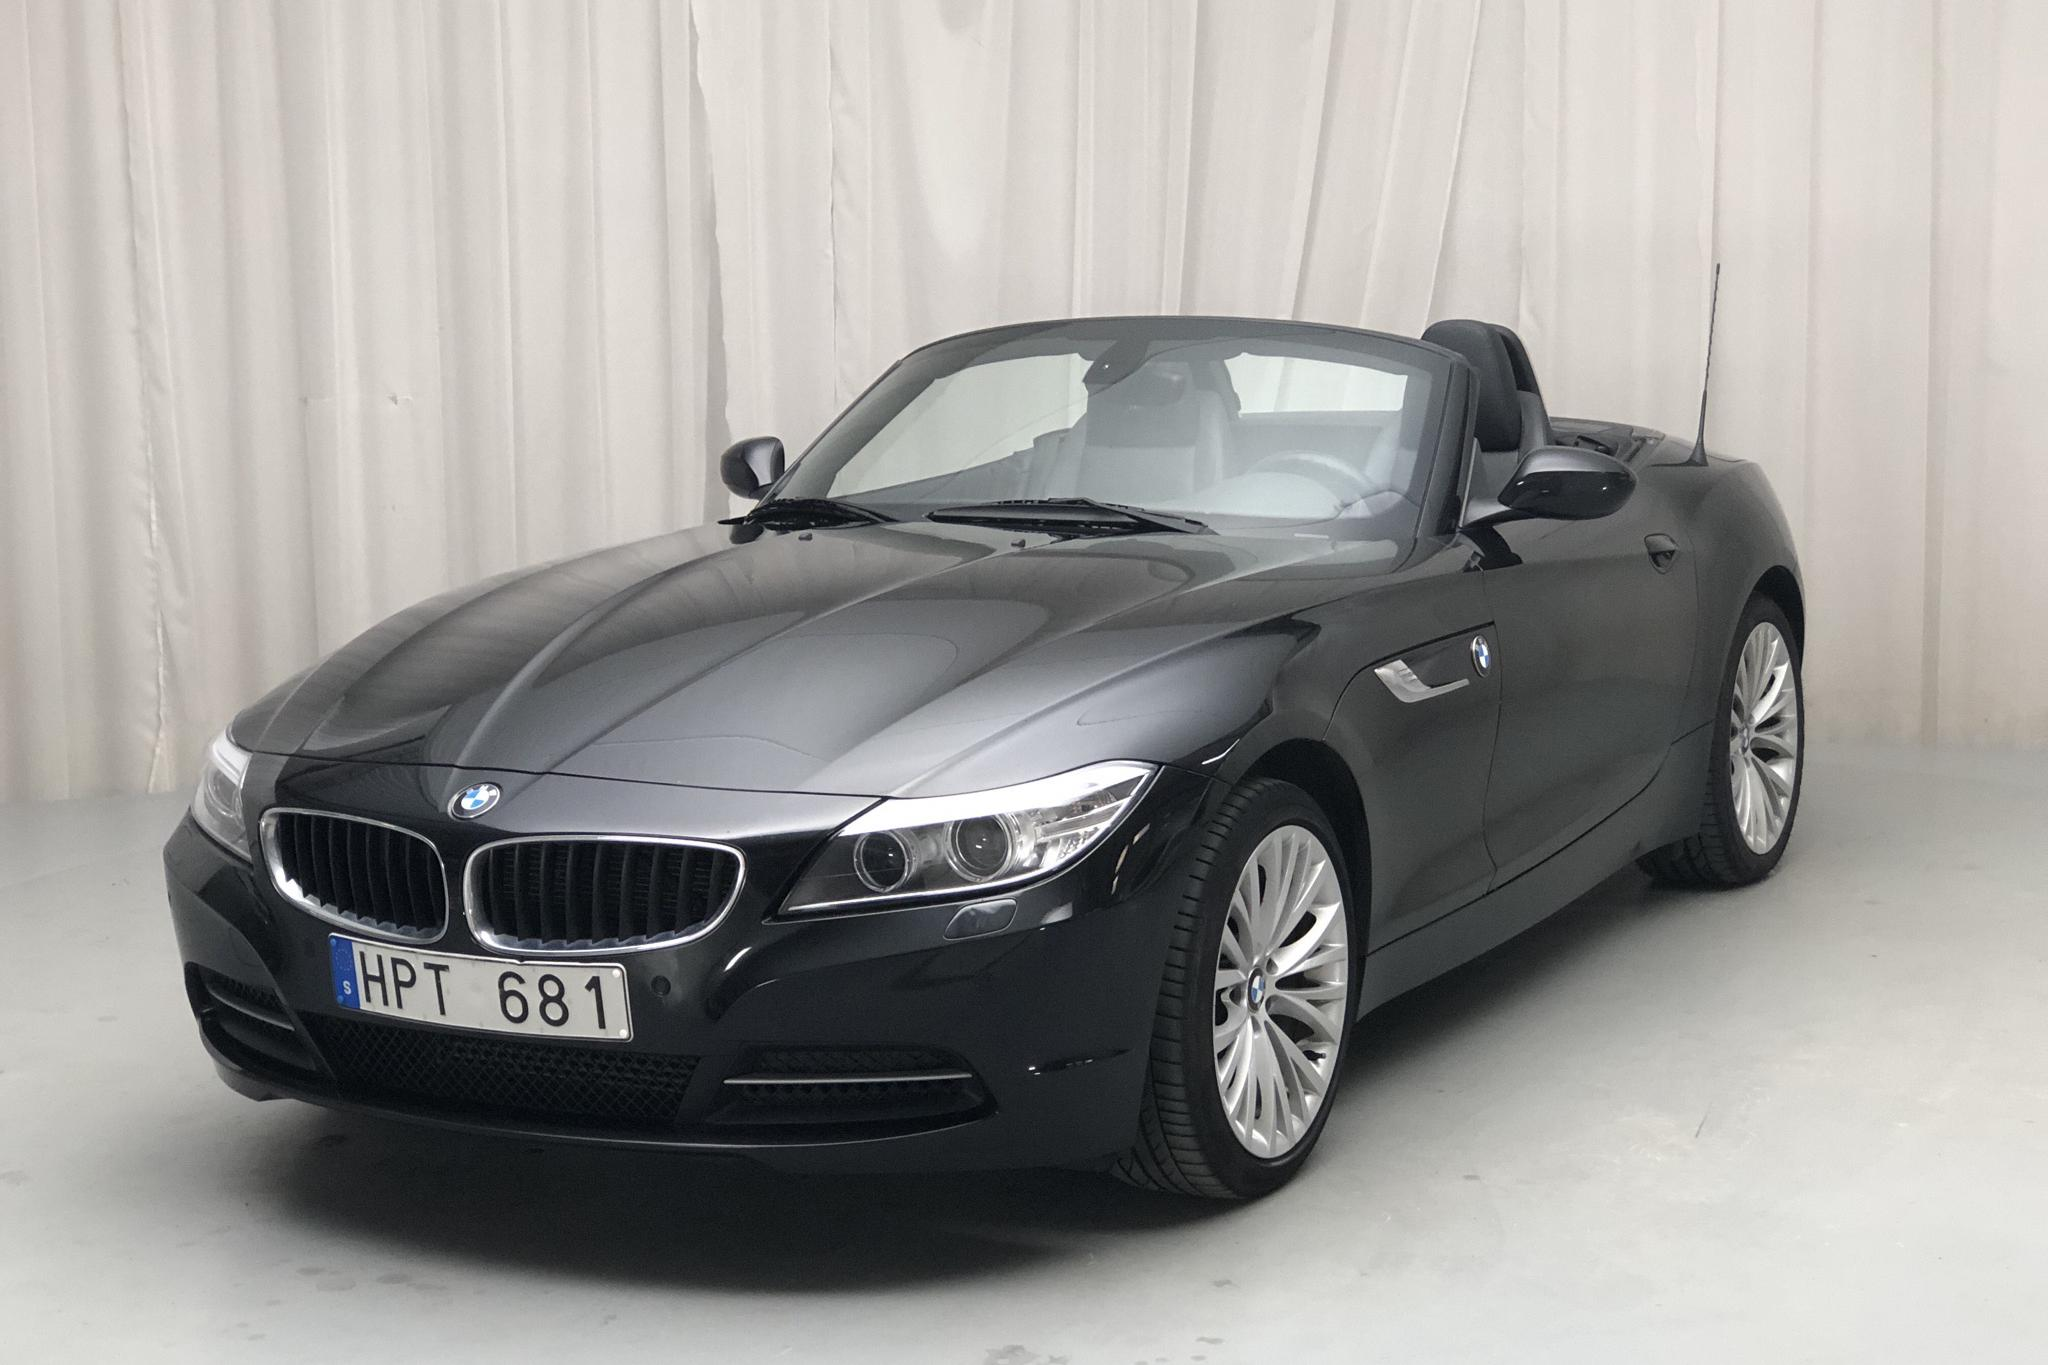 BMW Z4 sDrive 18i Roadster, E89 (156hk) - 62 970 km - Manual - black - 2013